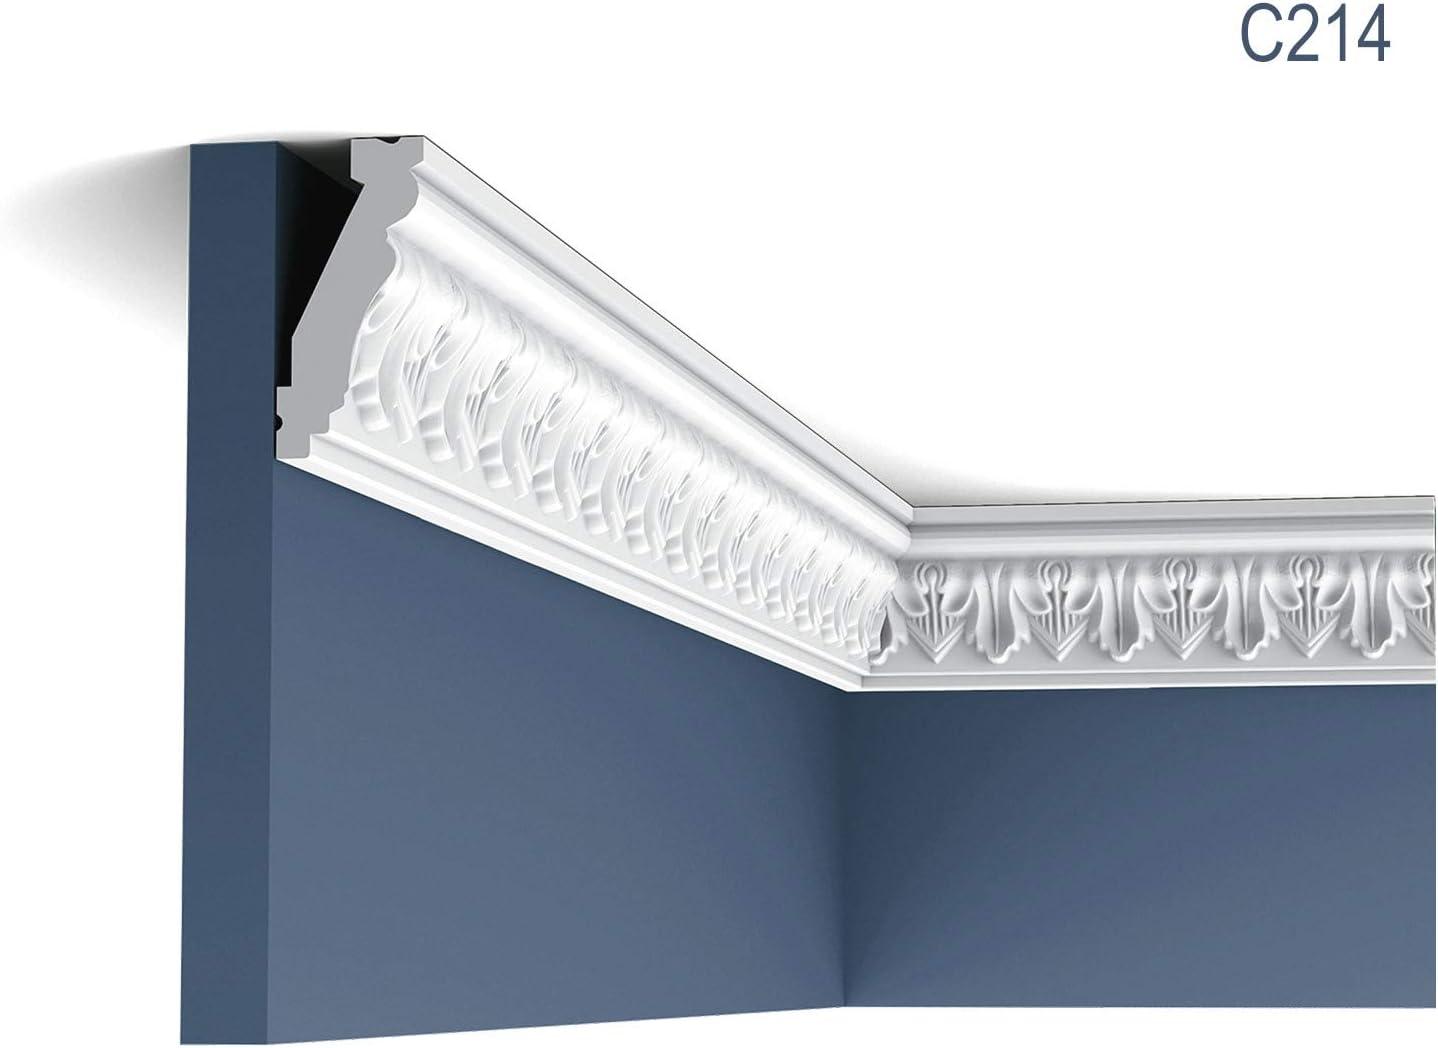 2 Meter Zierleiste Orac Decor C213 LUXXUS Stuckleiste Eckleiste Stuckprofil Dekor Decken Wand Leiste klassisch wei/ß